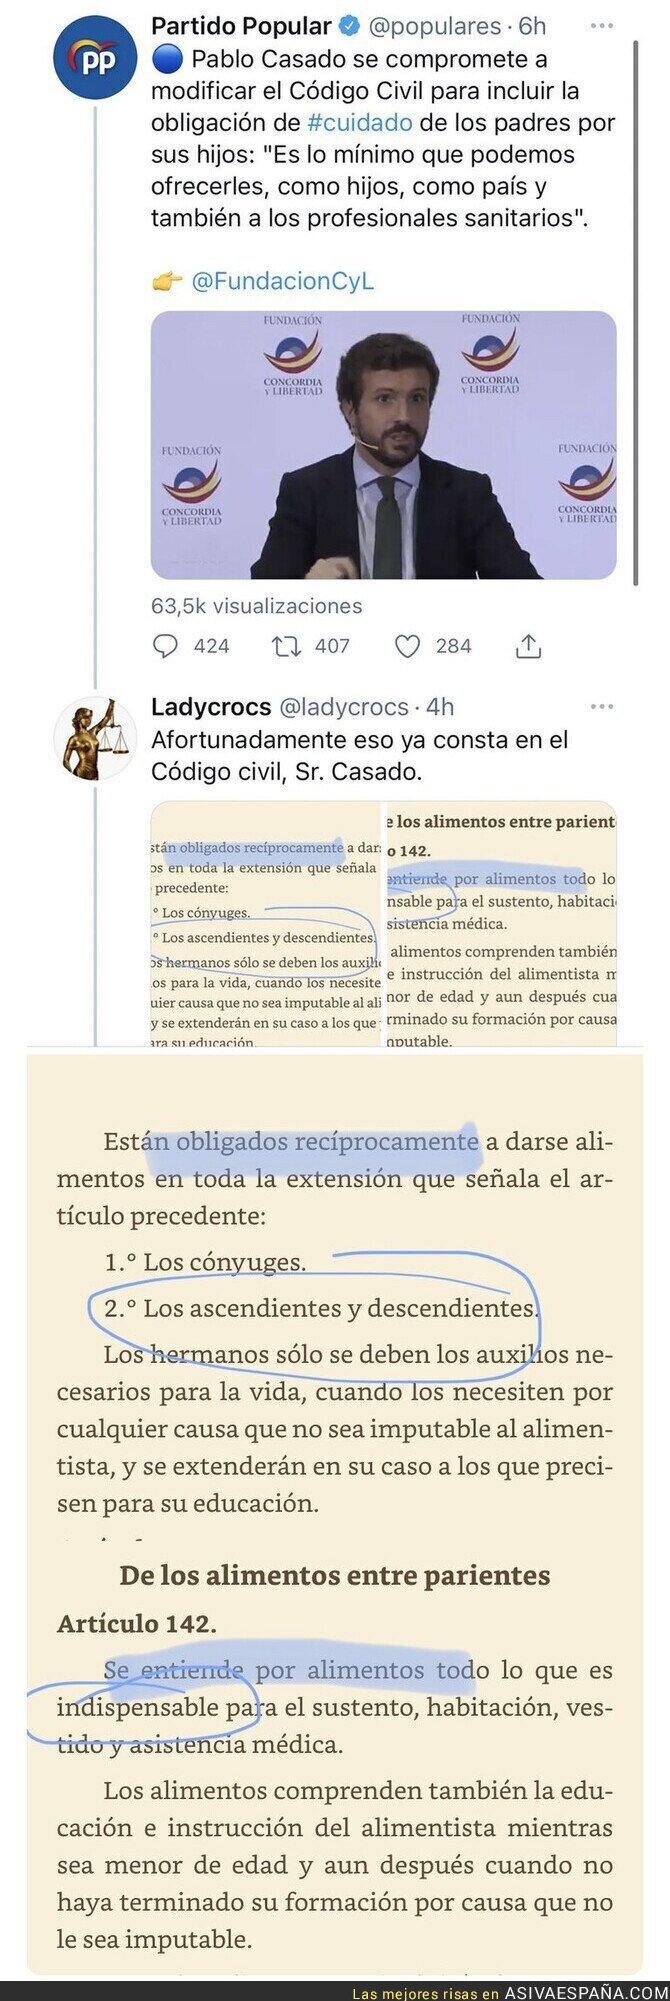 807849 - Pablo Casado se compromete a cambiar el Código Civil para incluir una medida que ya existe